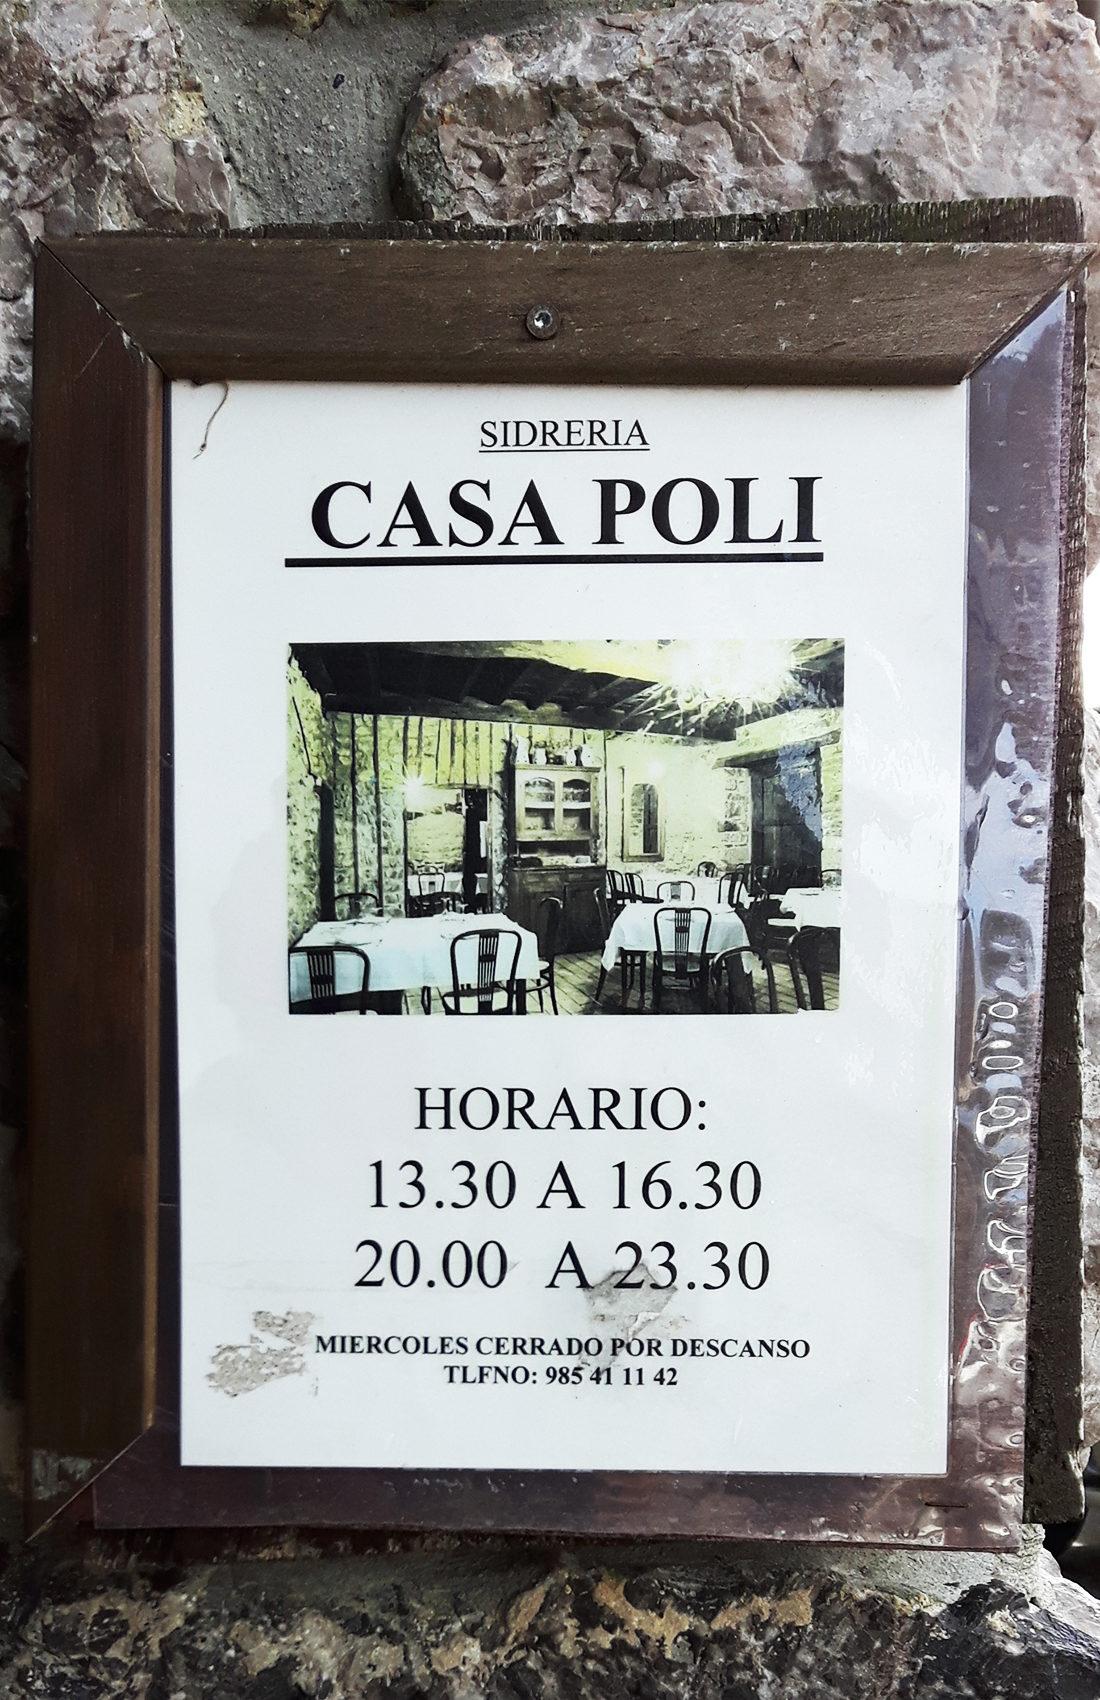 Horario y Teléfono de Casa Poli.